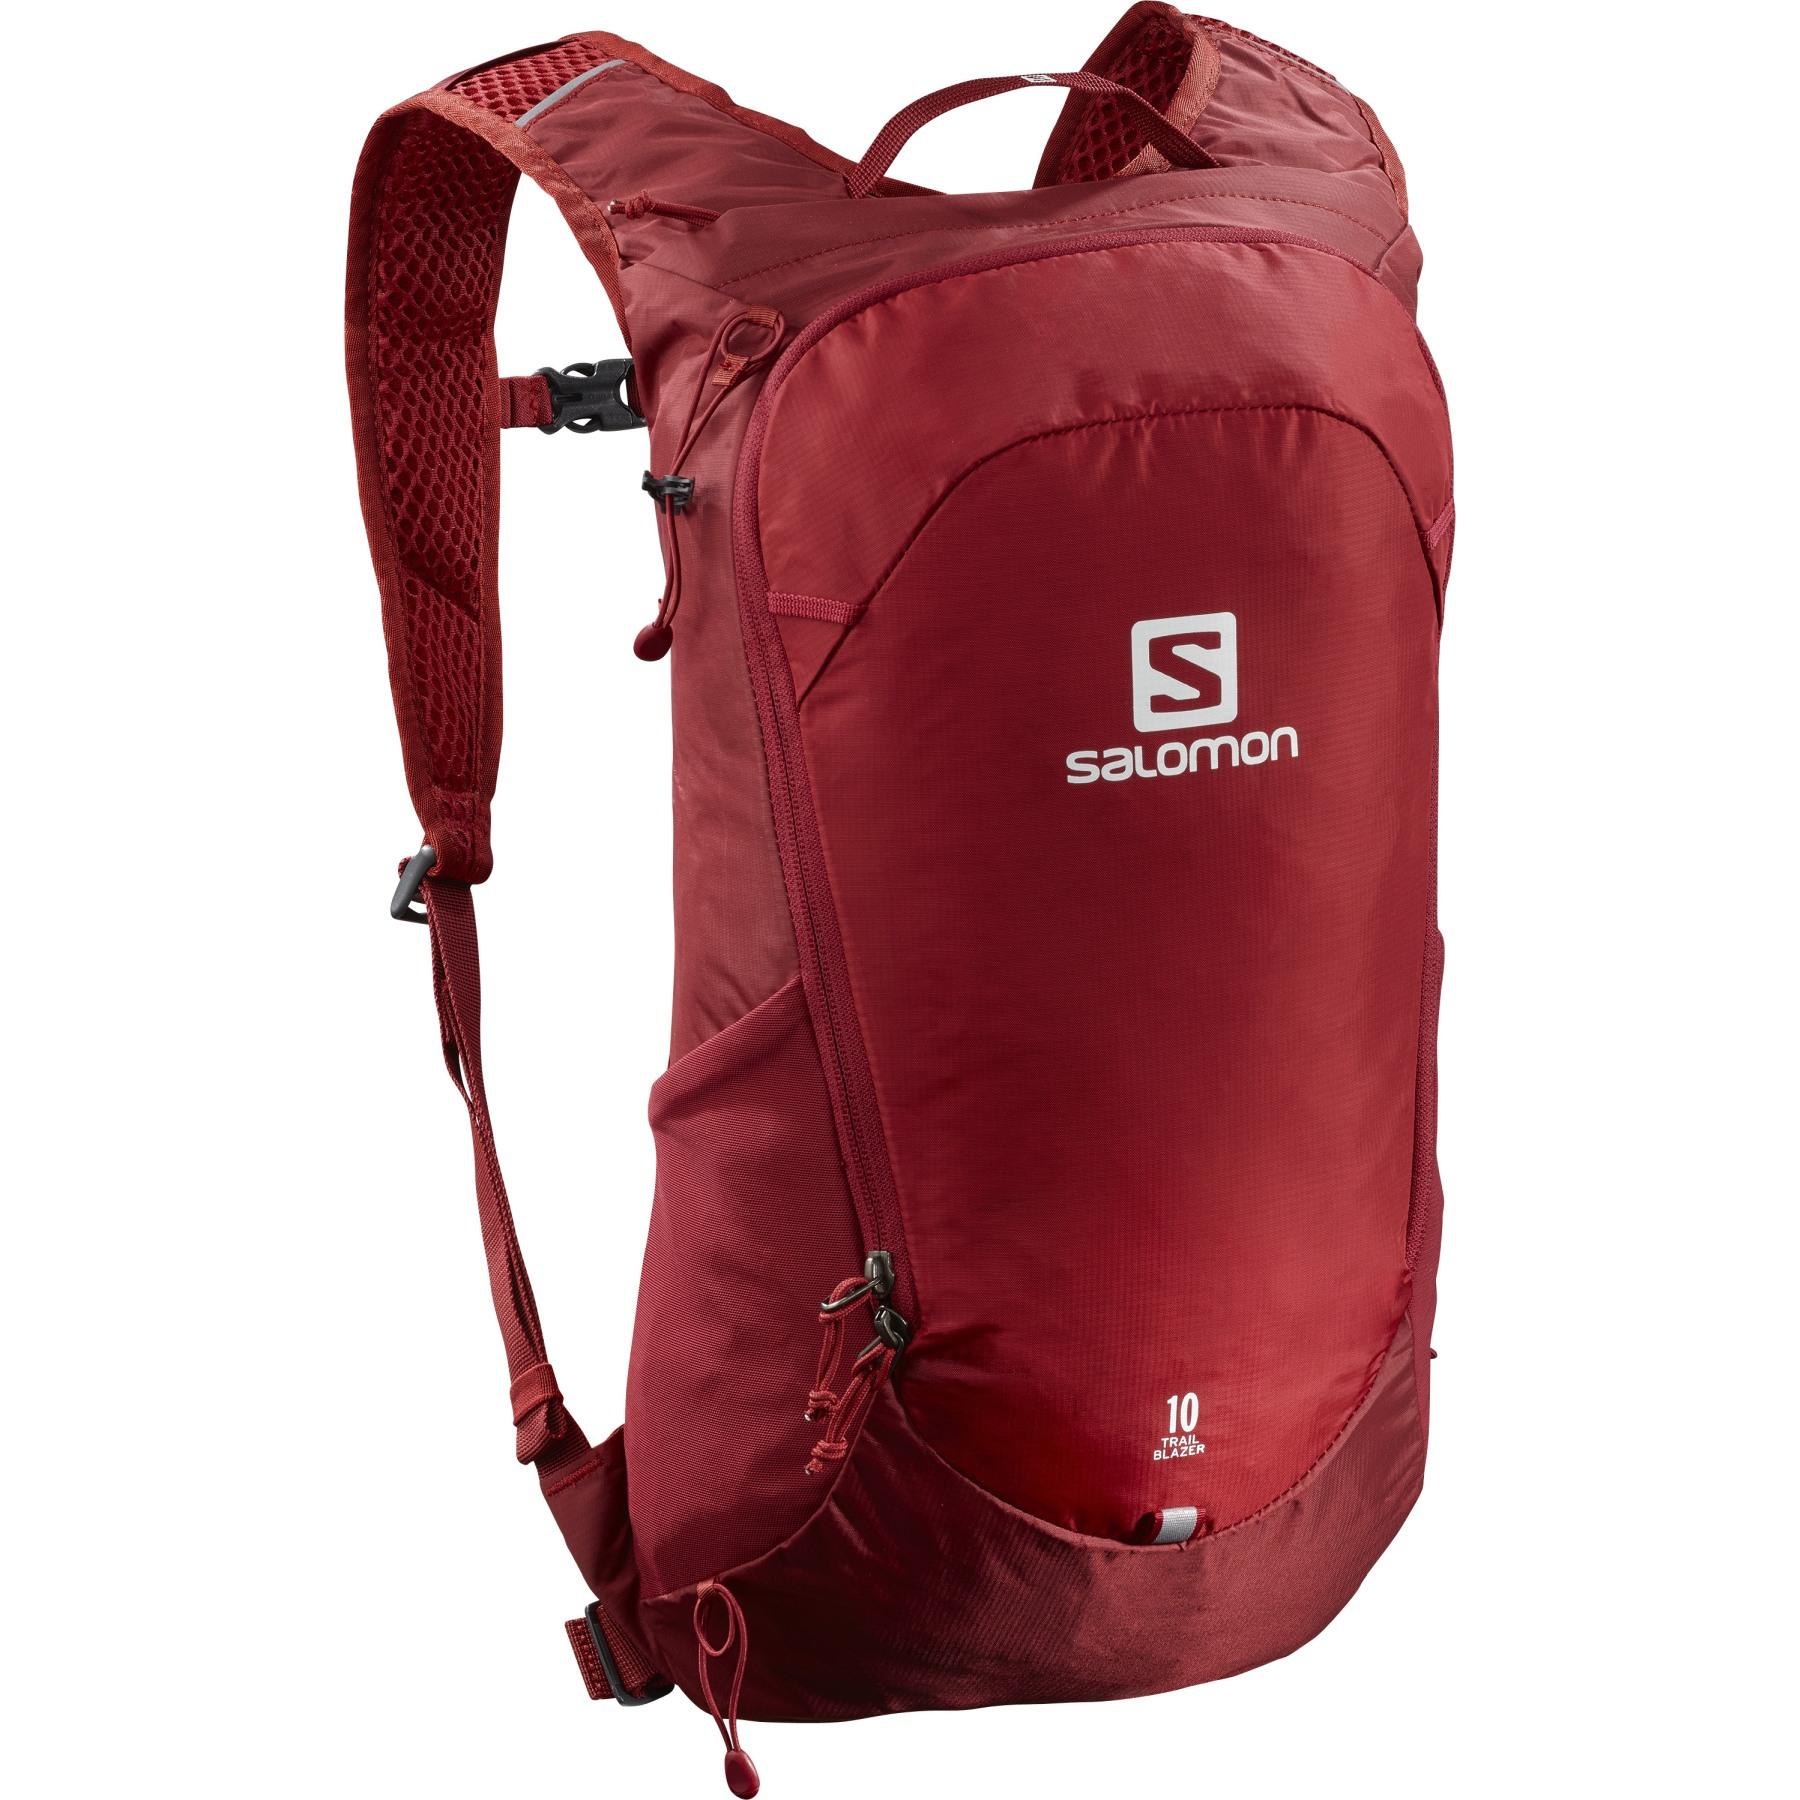 Picture of Salomon Trailblazer 10 Backpack - Chili Pepper/Red Dahlia/Ebony